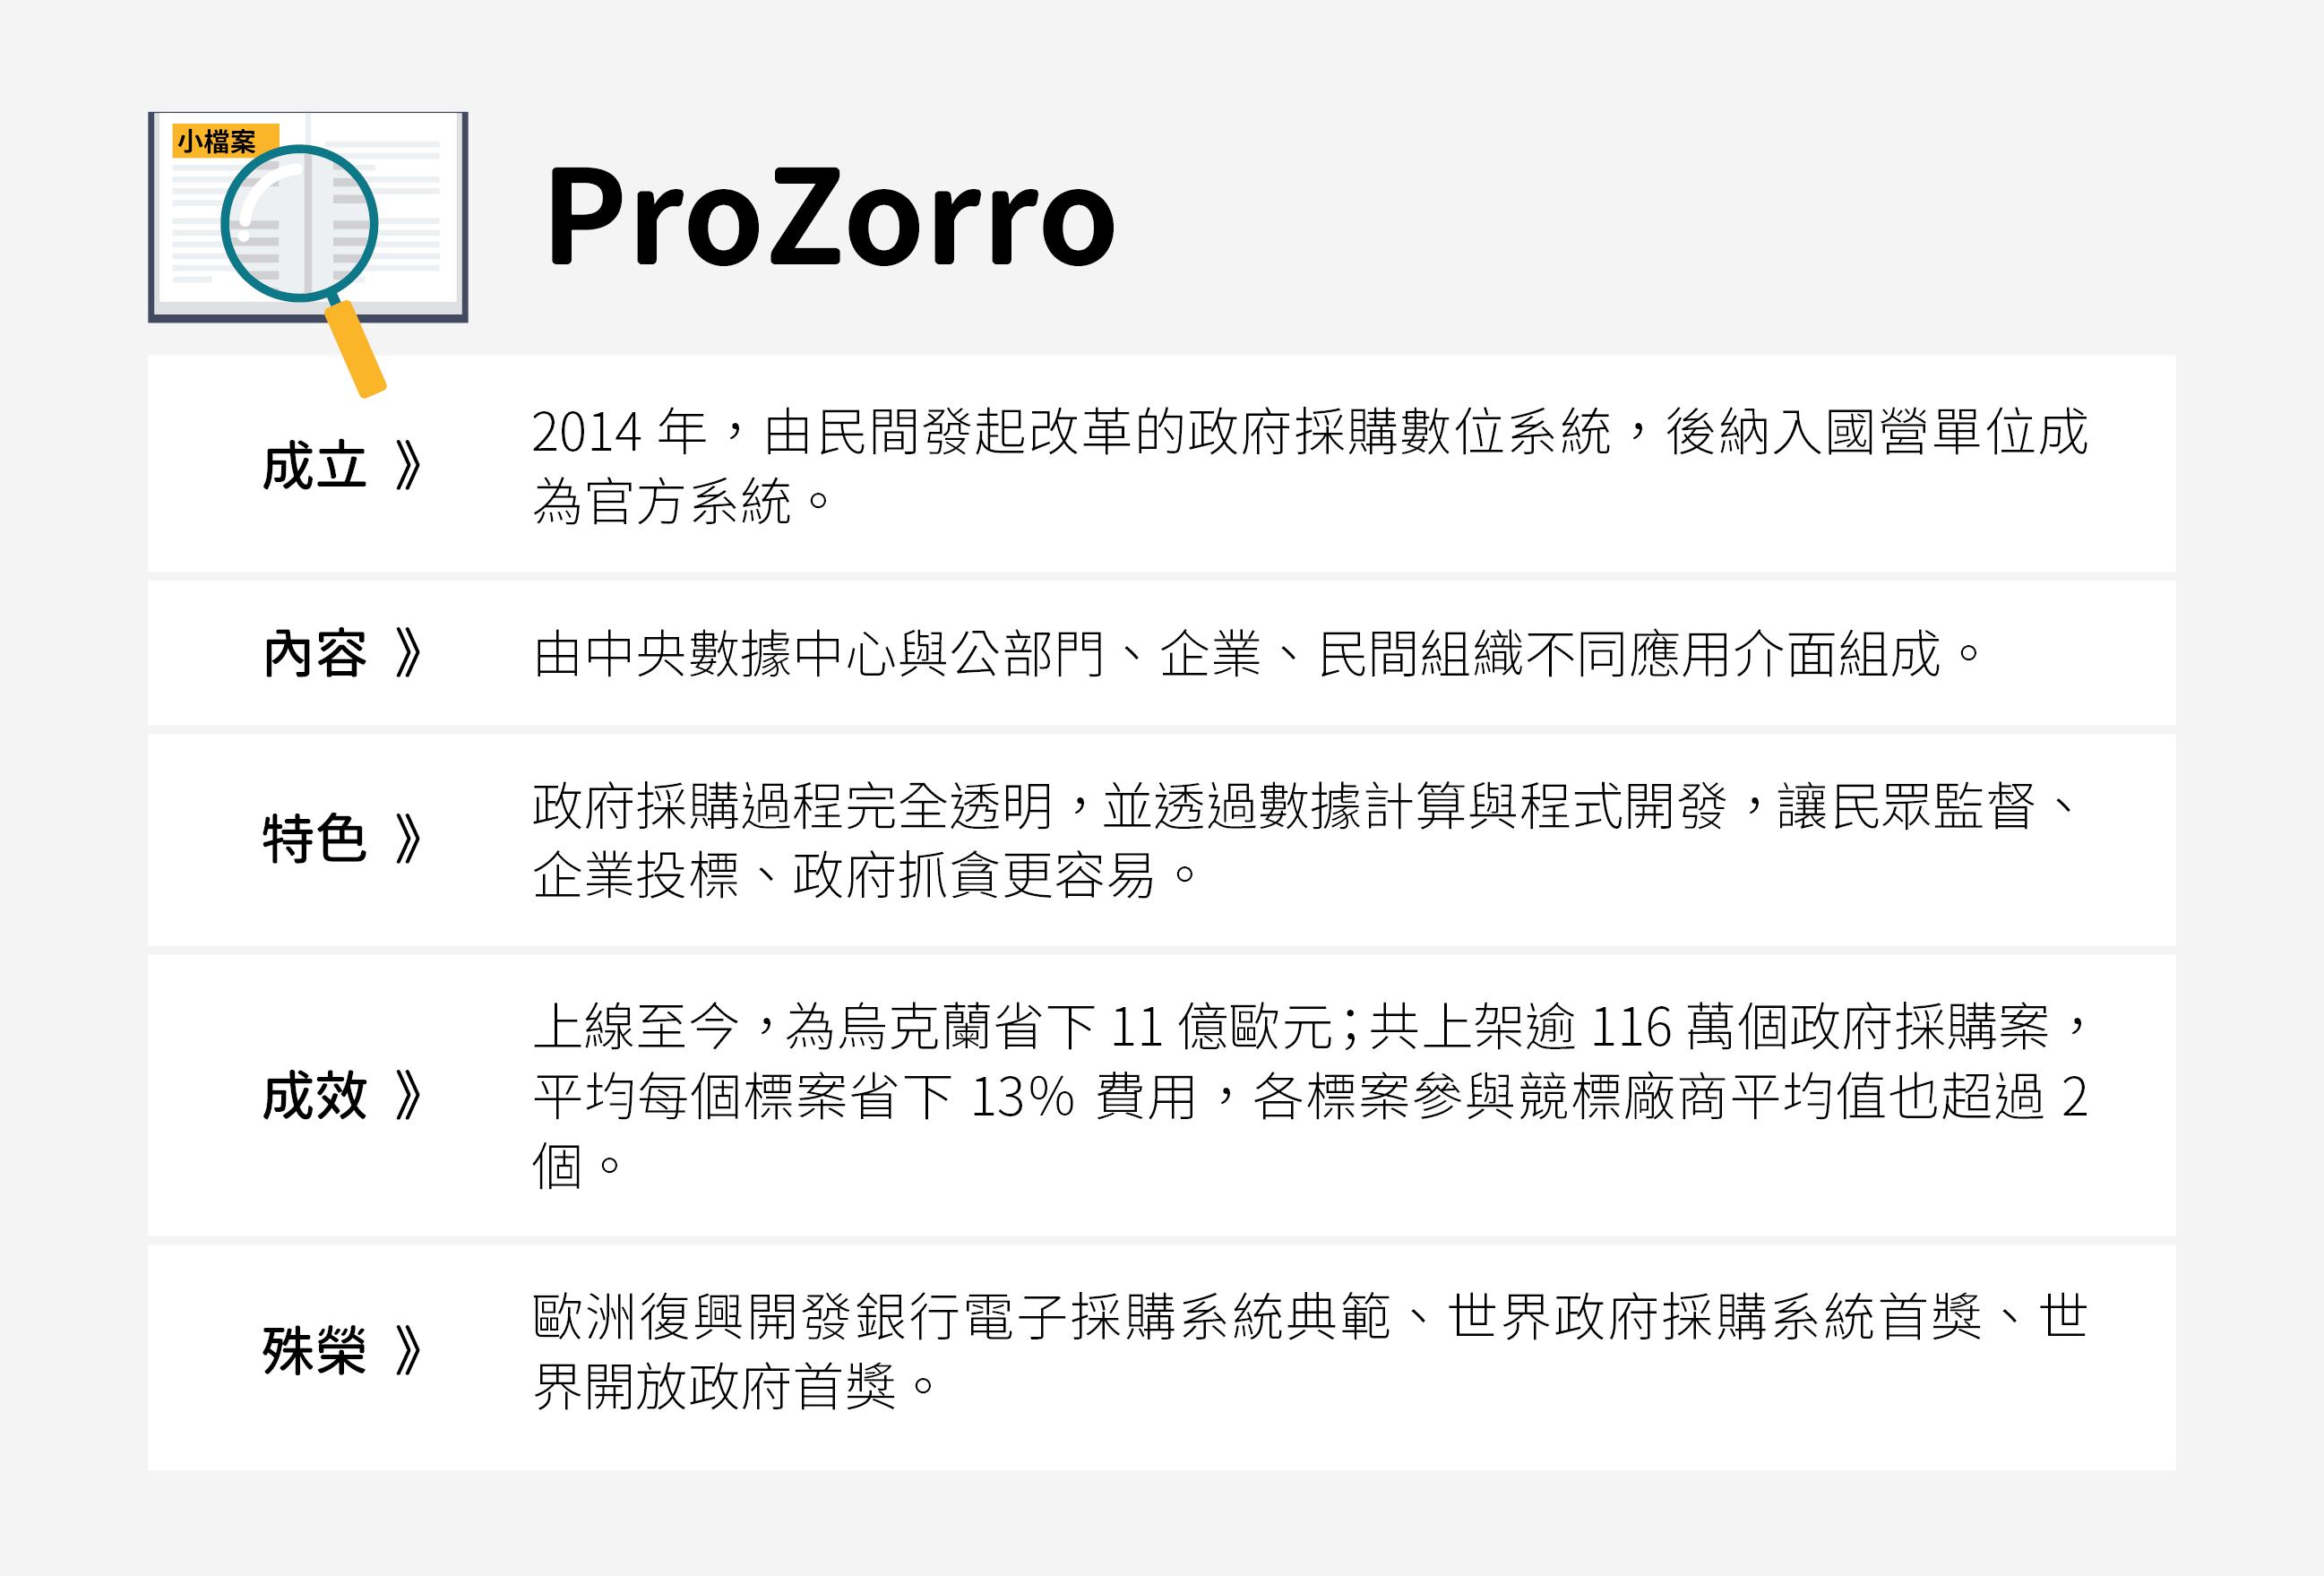 ProZorro 是什麼?